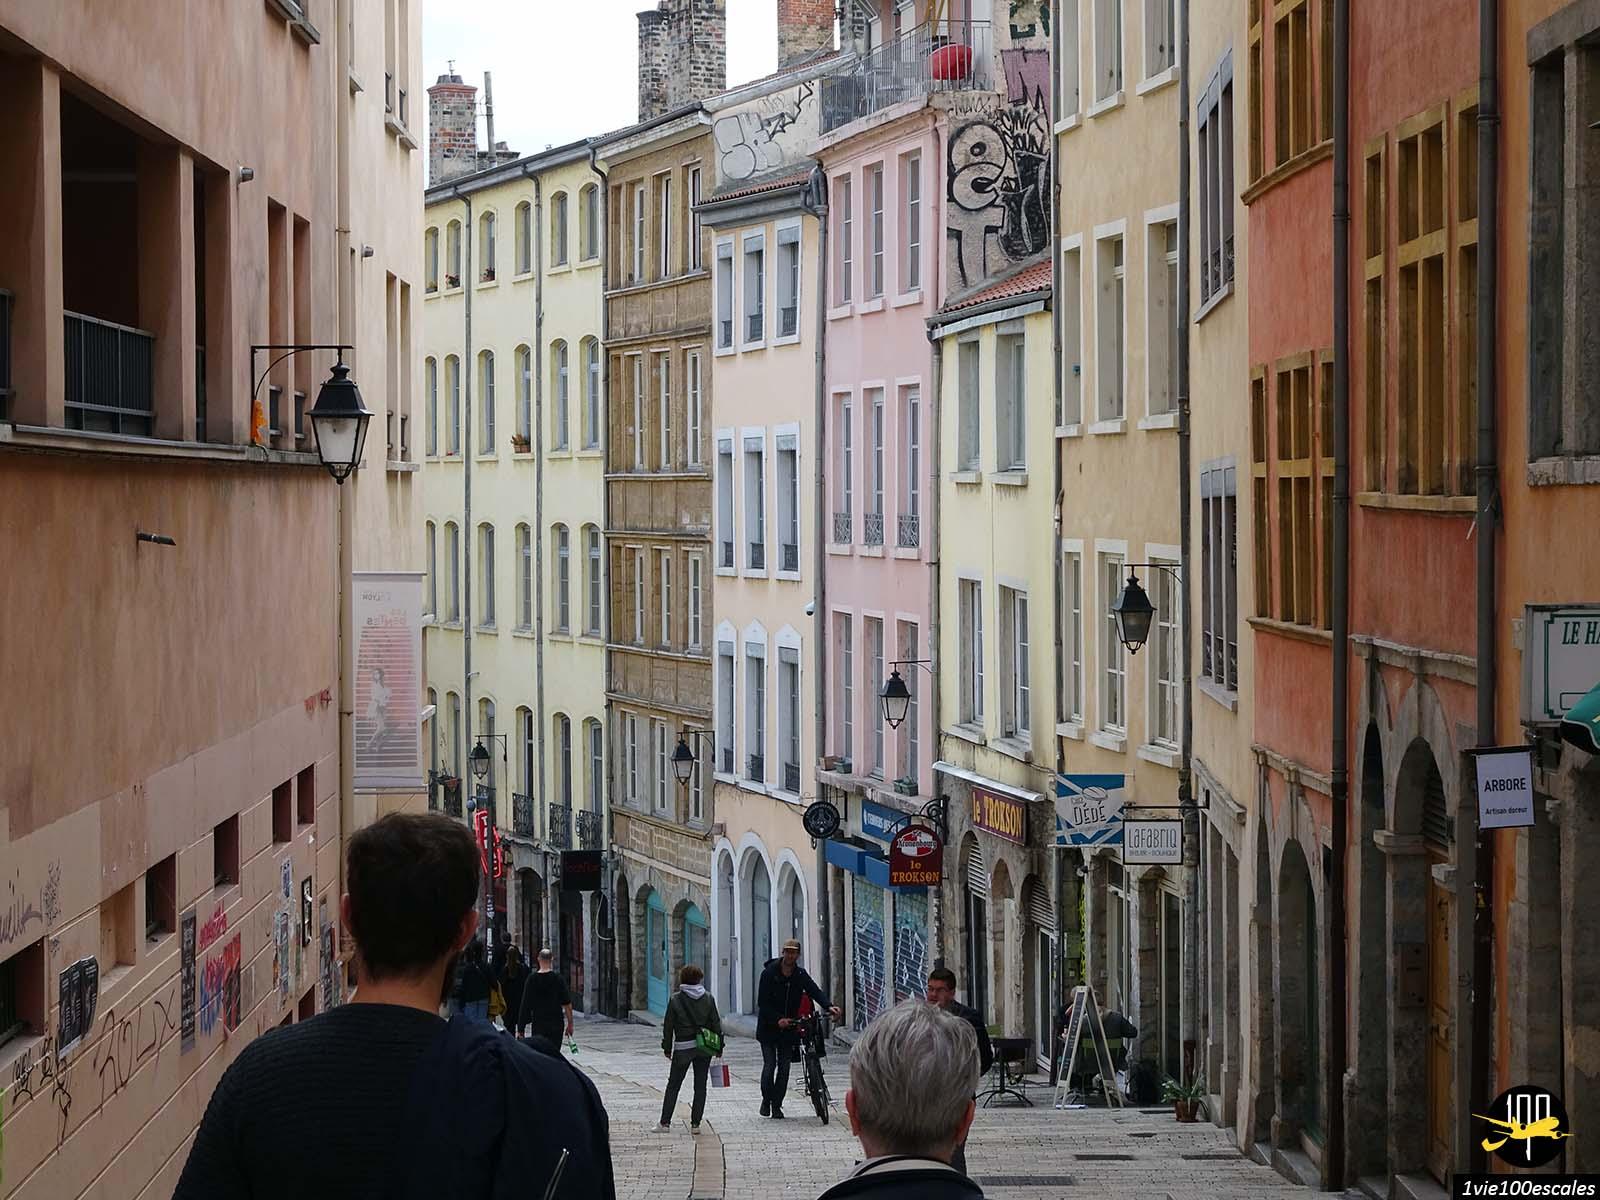 La pente de la croix rousse à Lyon avec ses immeubles colorés